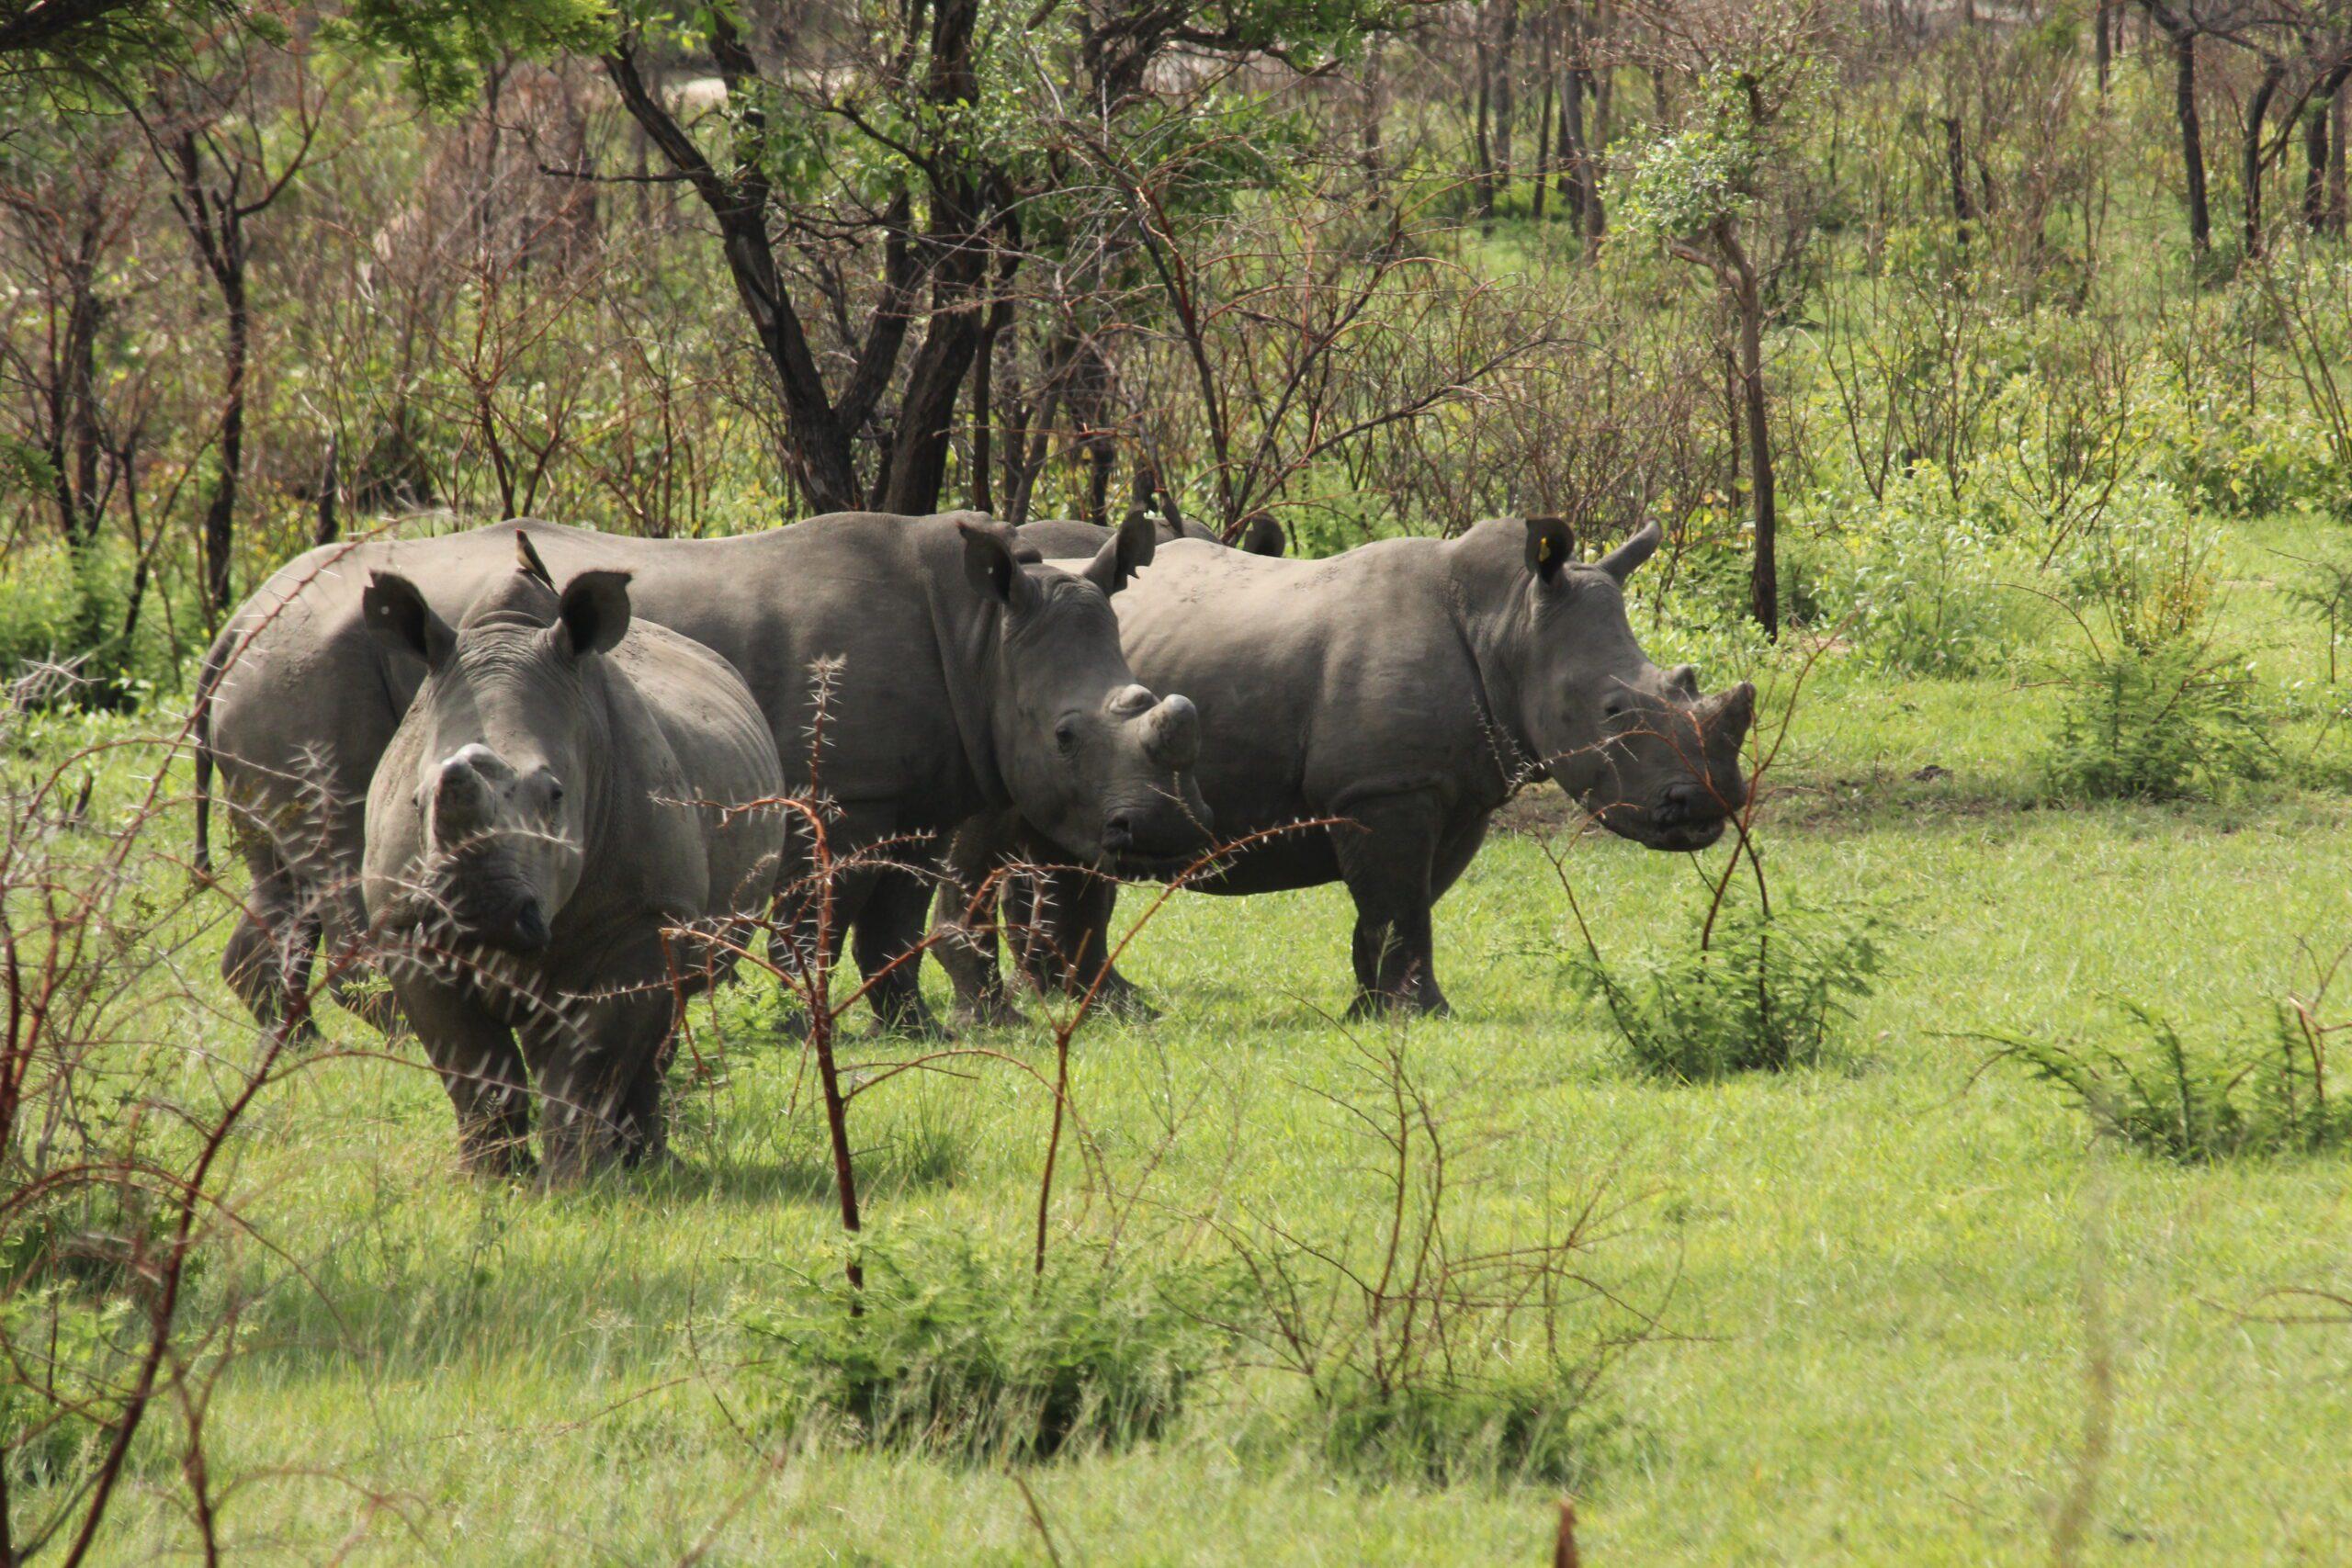 rhinos in a field seen on Zimbabwe safari